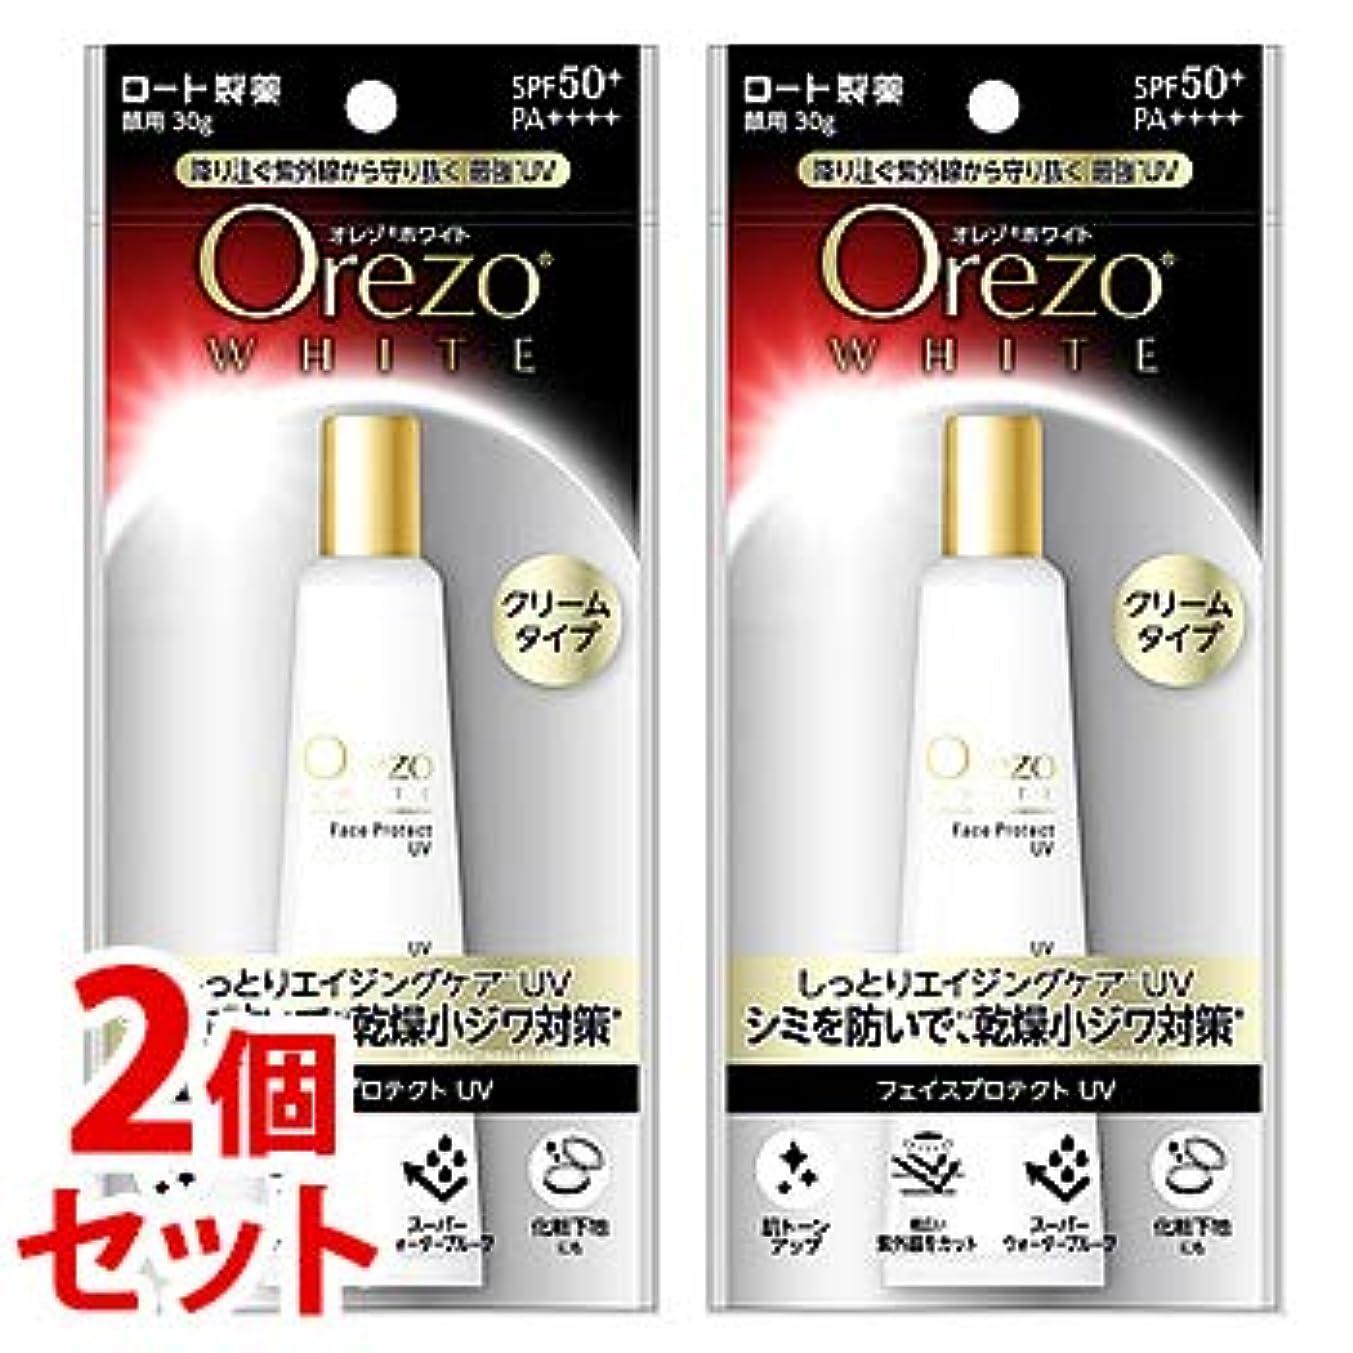 ジャングル内訳一方、《セット販売》 ロート製薬 Orezo オレゾ ホワイト フェイスプロテクトUV SPF50+ PA++++ (30g)×2個セット 顔用 日やけ止め 化粧下地 クリームタイプ